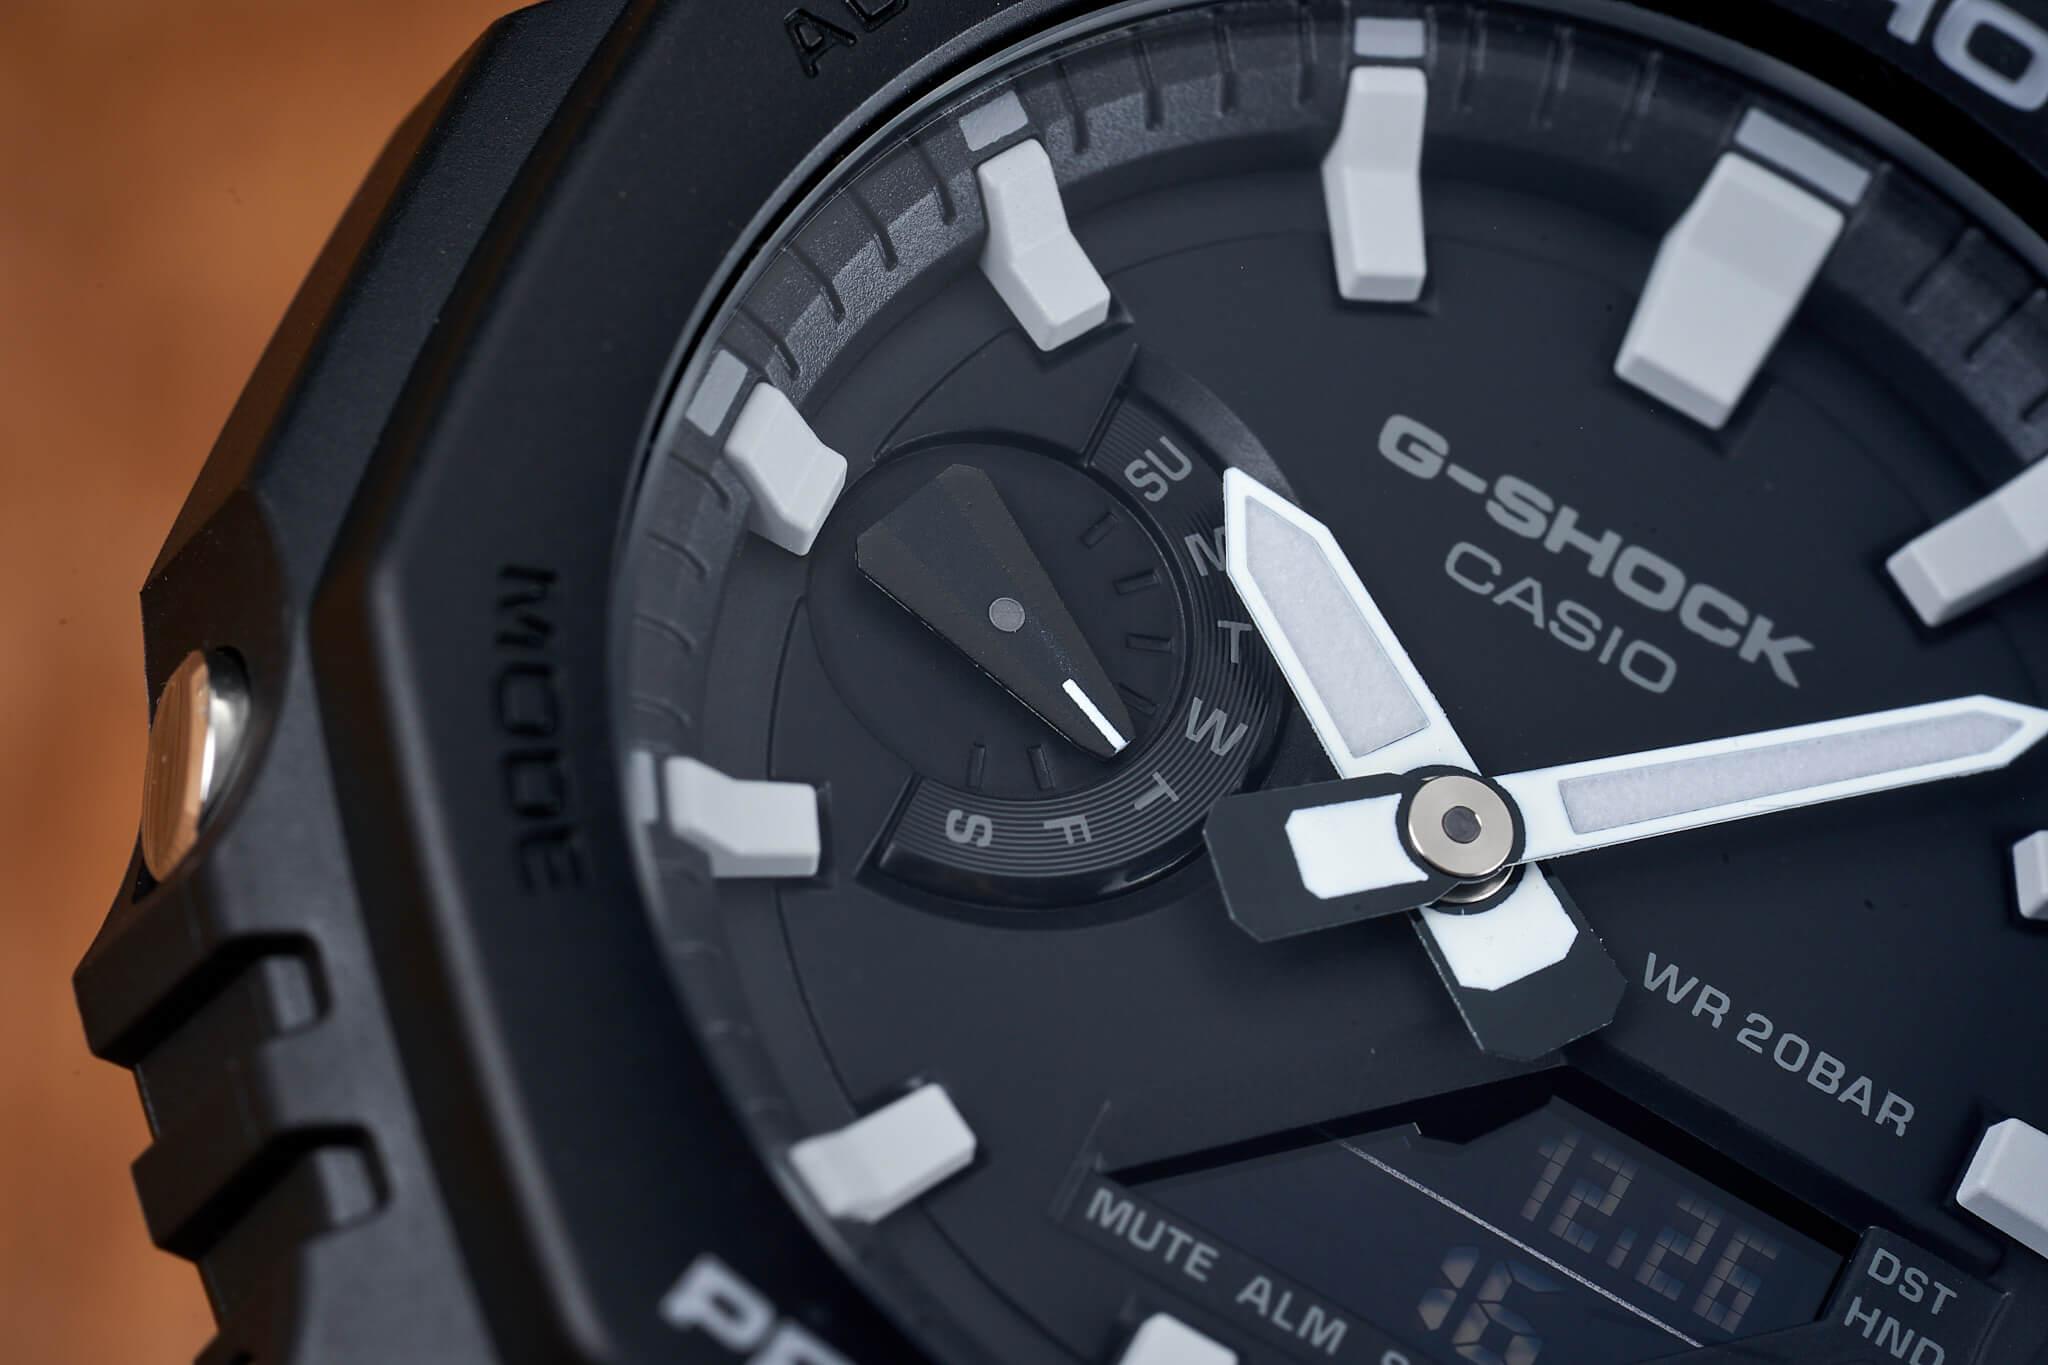 Casio-Gshock-GA2100-Casioak-2